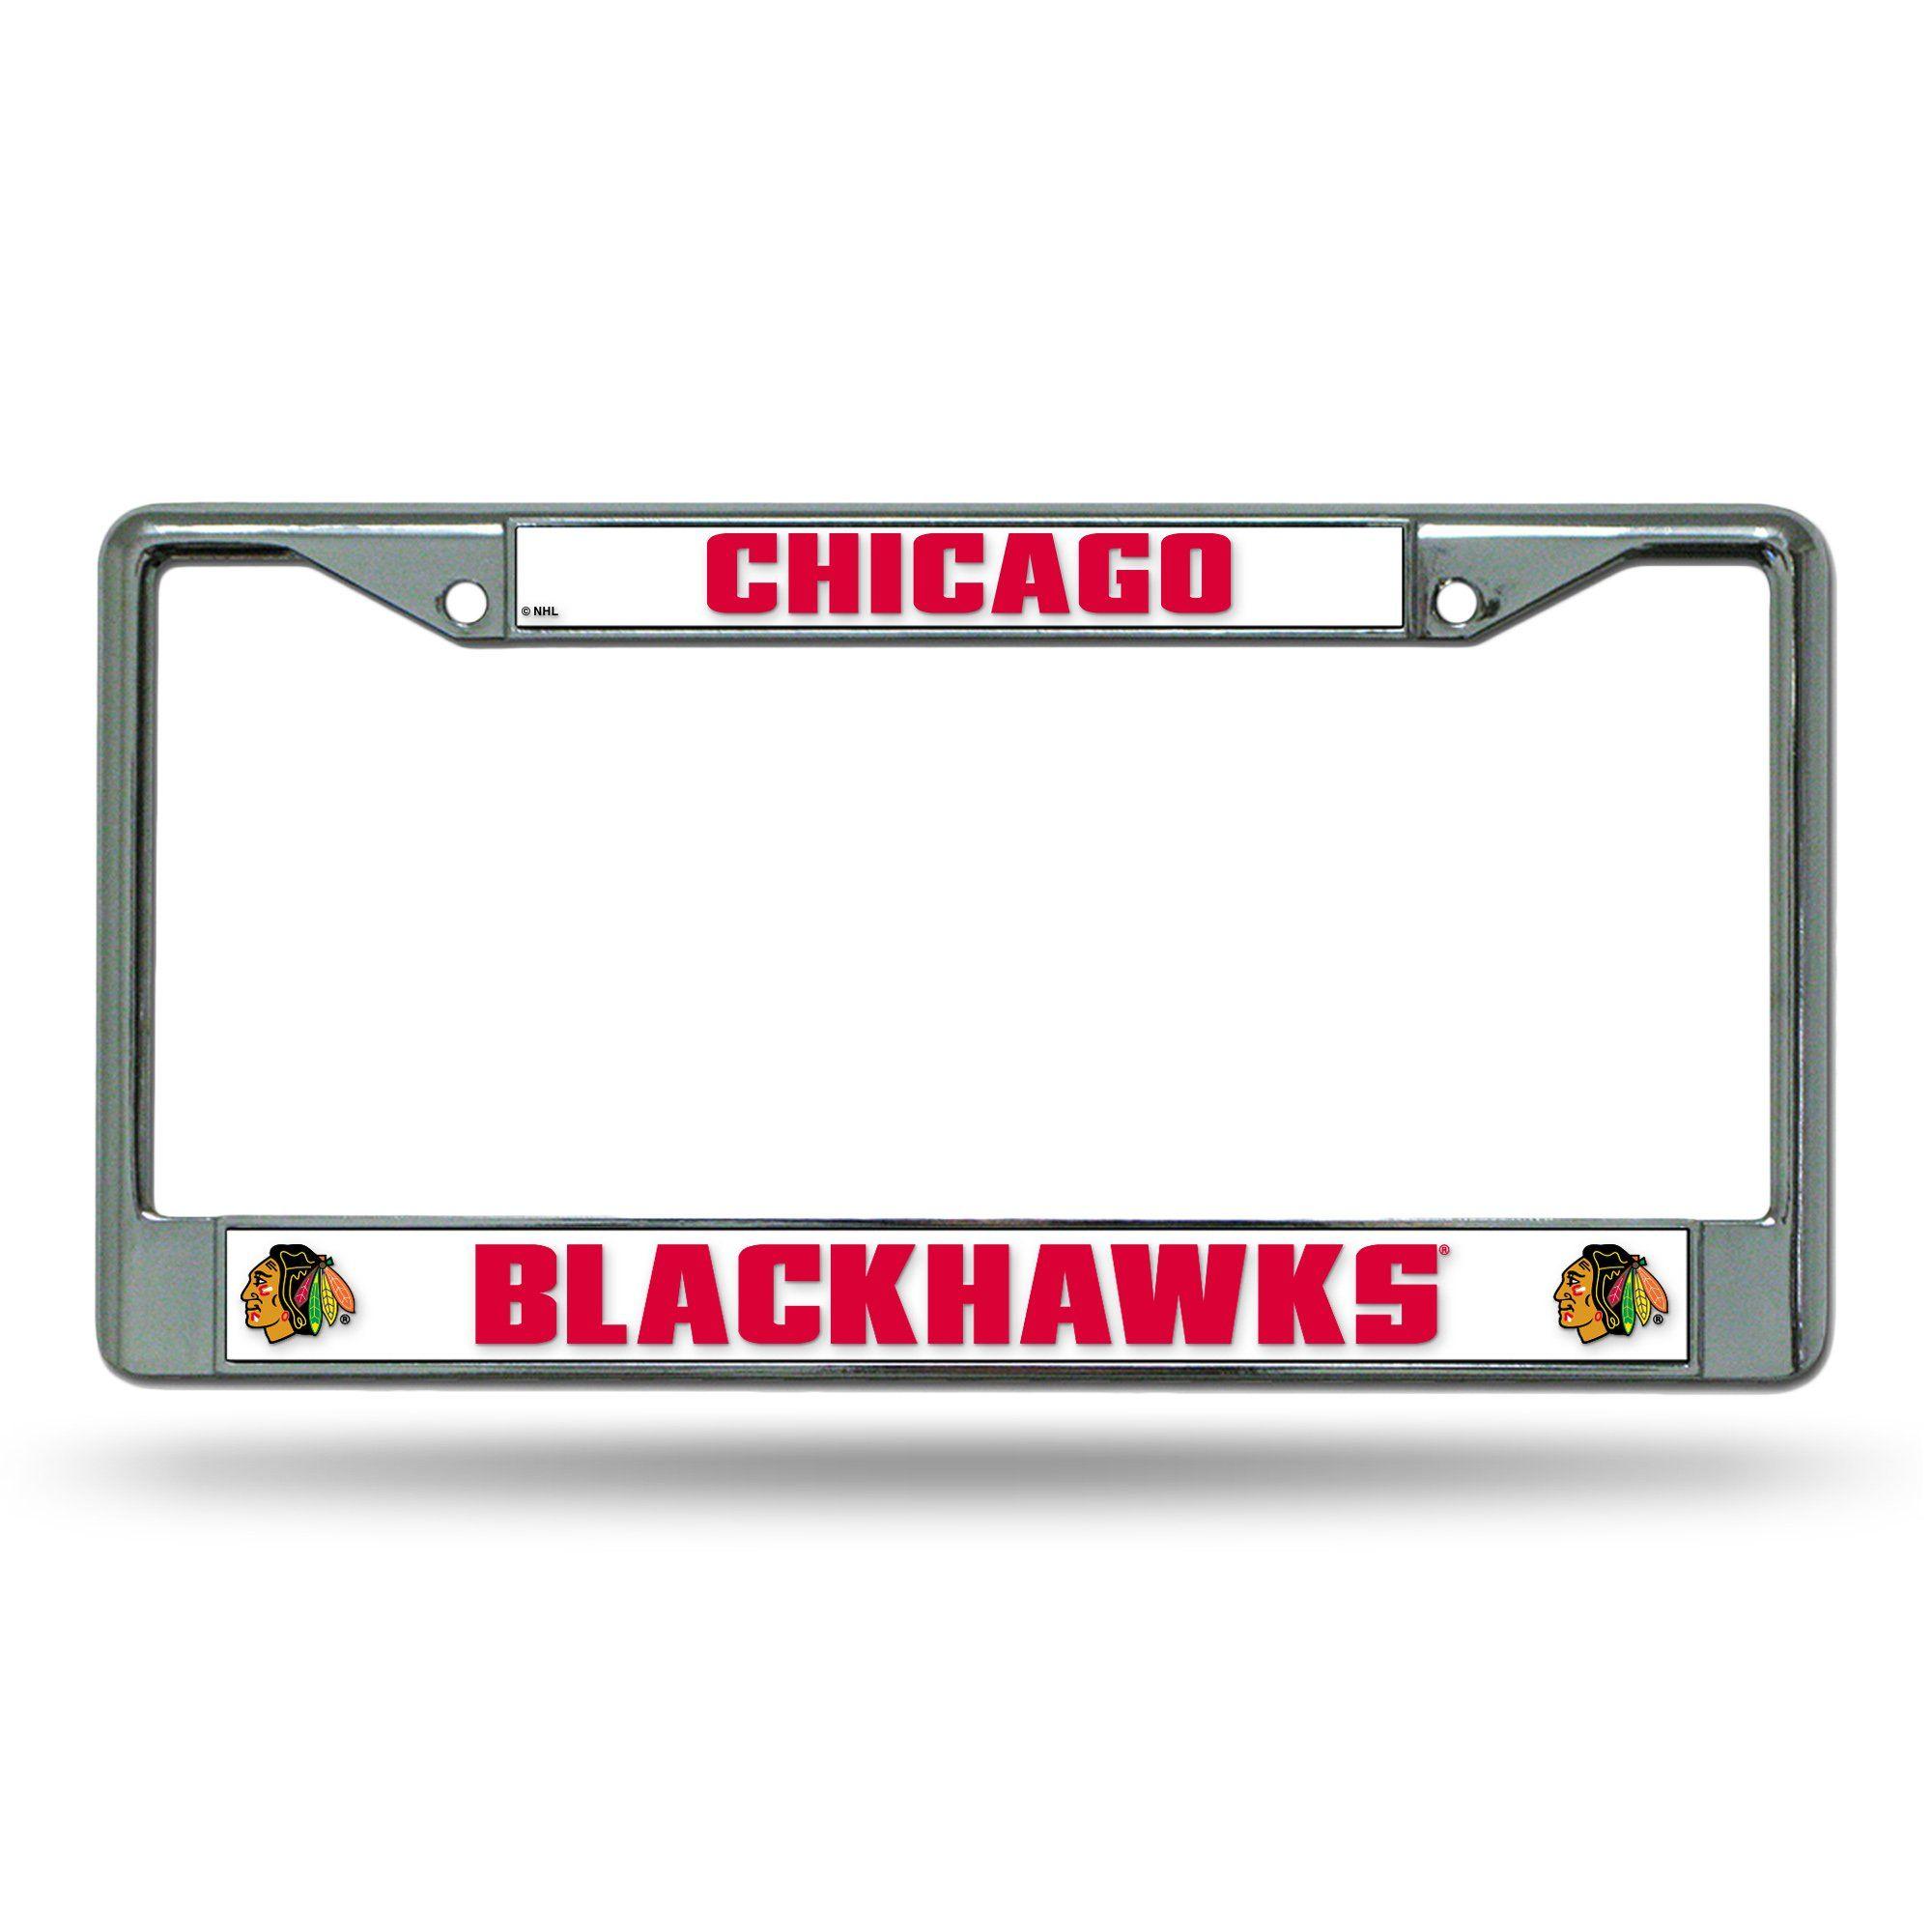 Chicago Blackhawks Chrome Frames License plate frames